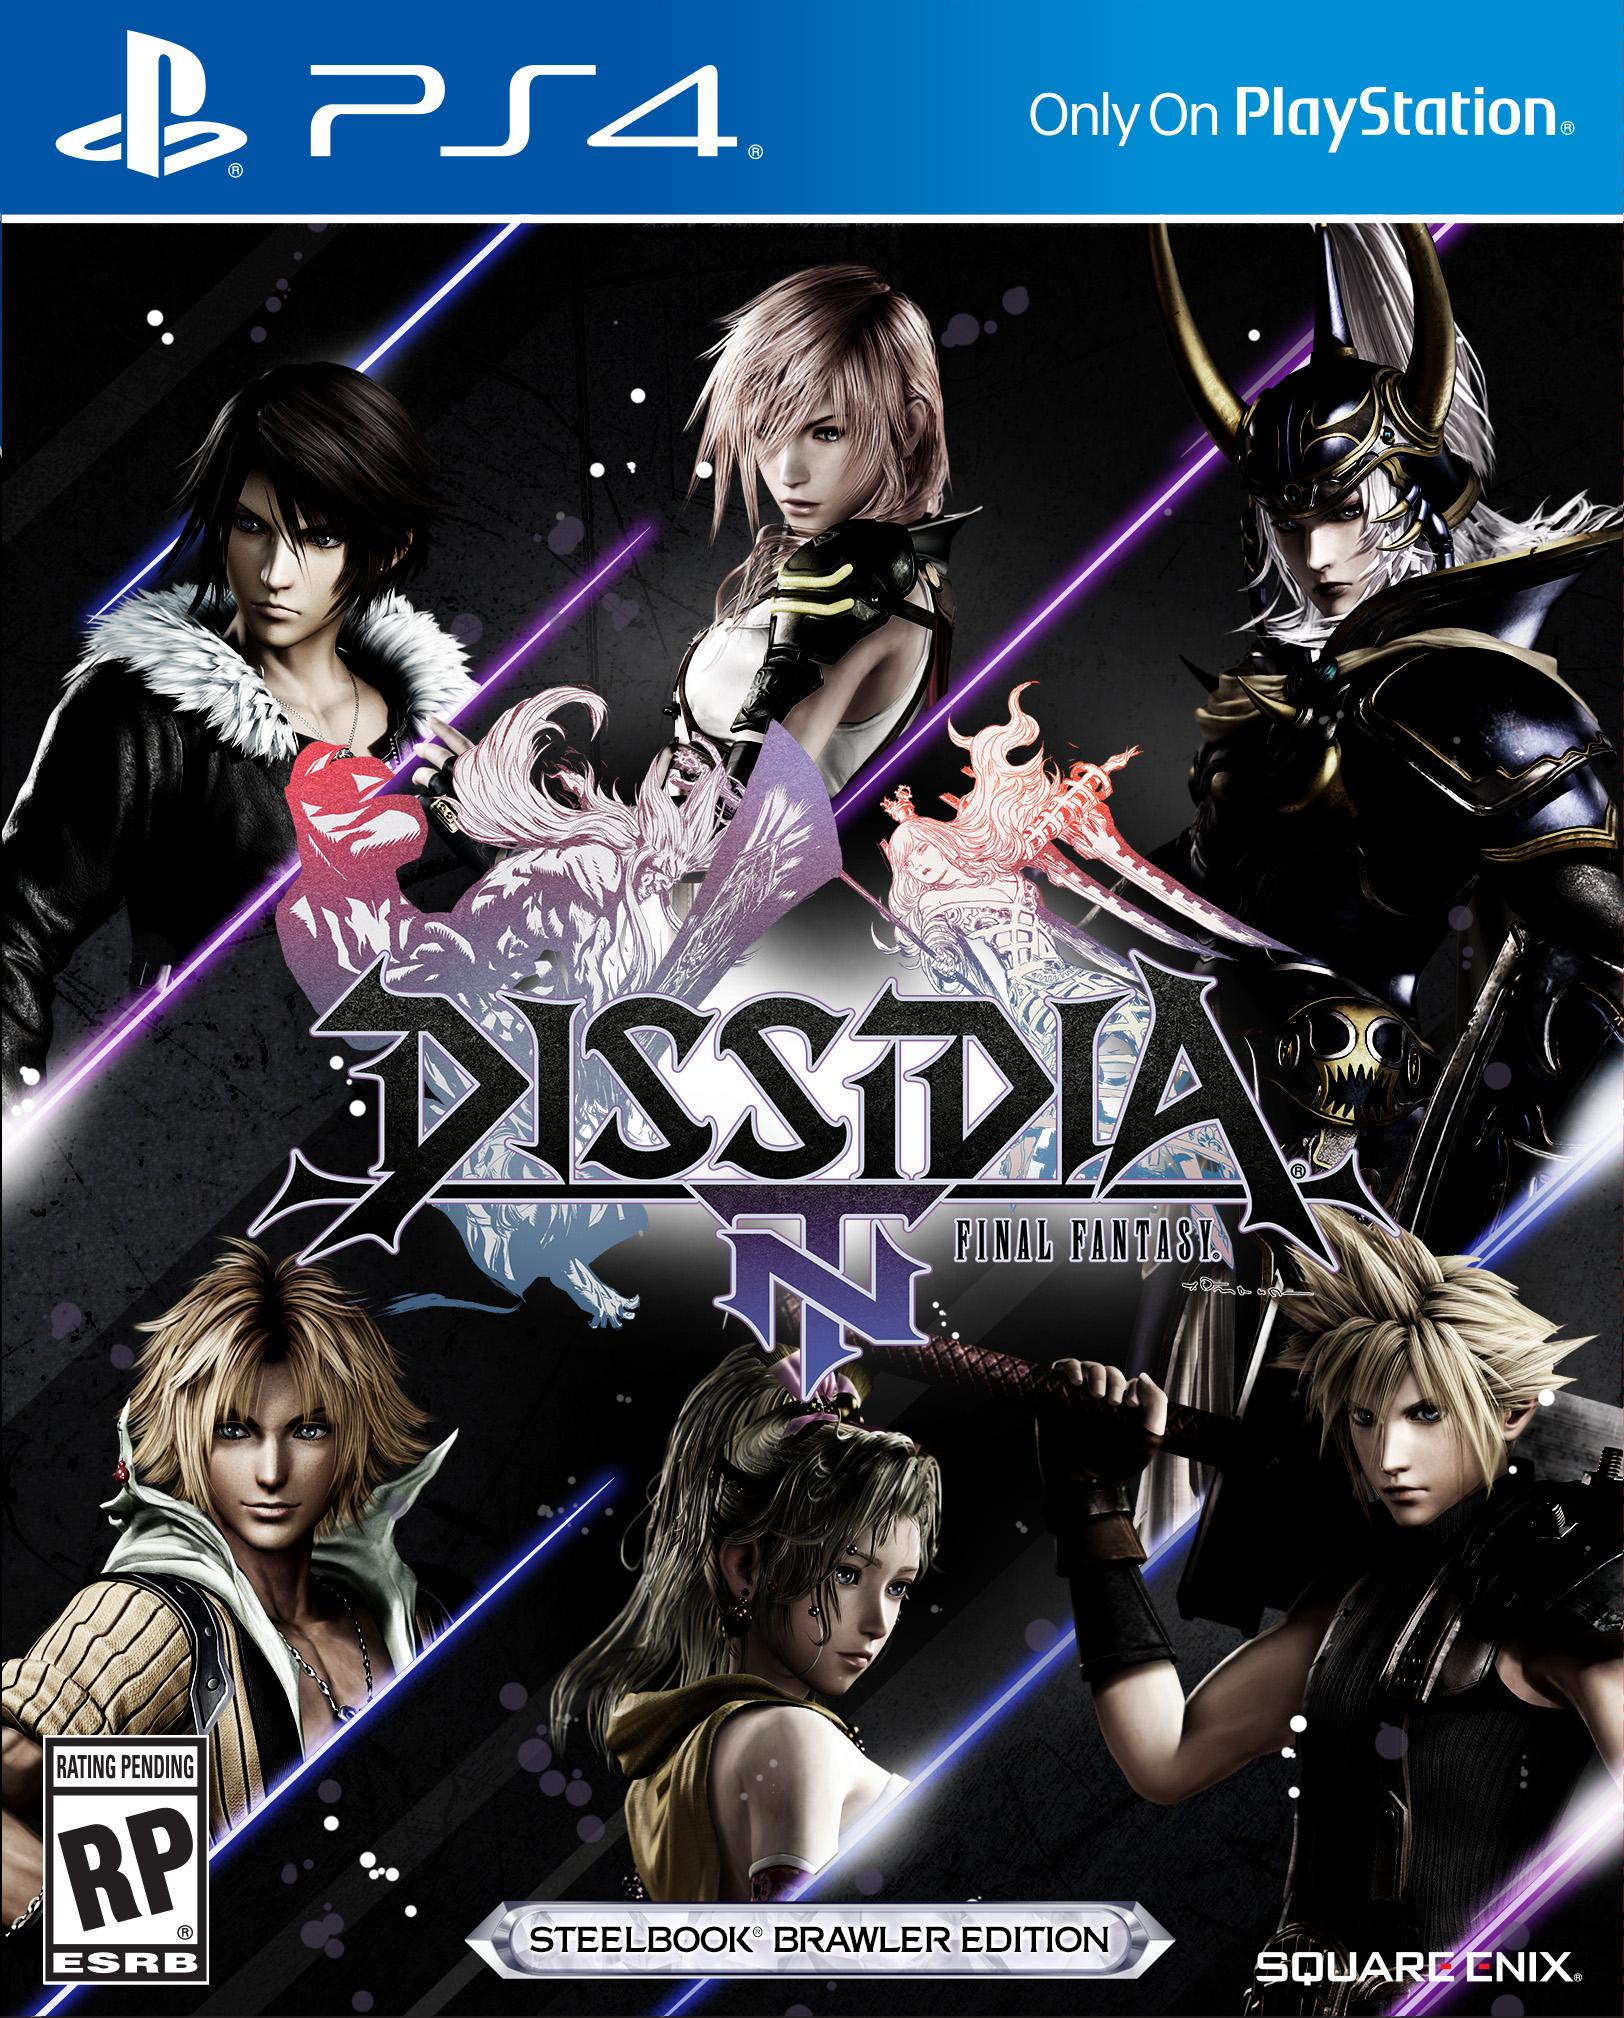 Dissidia Final Fantasy NT will launch January 30